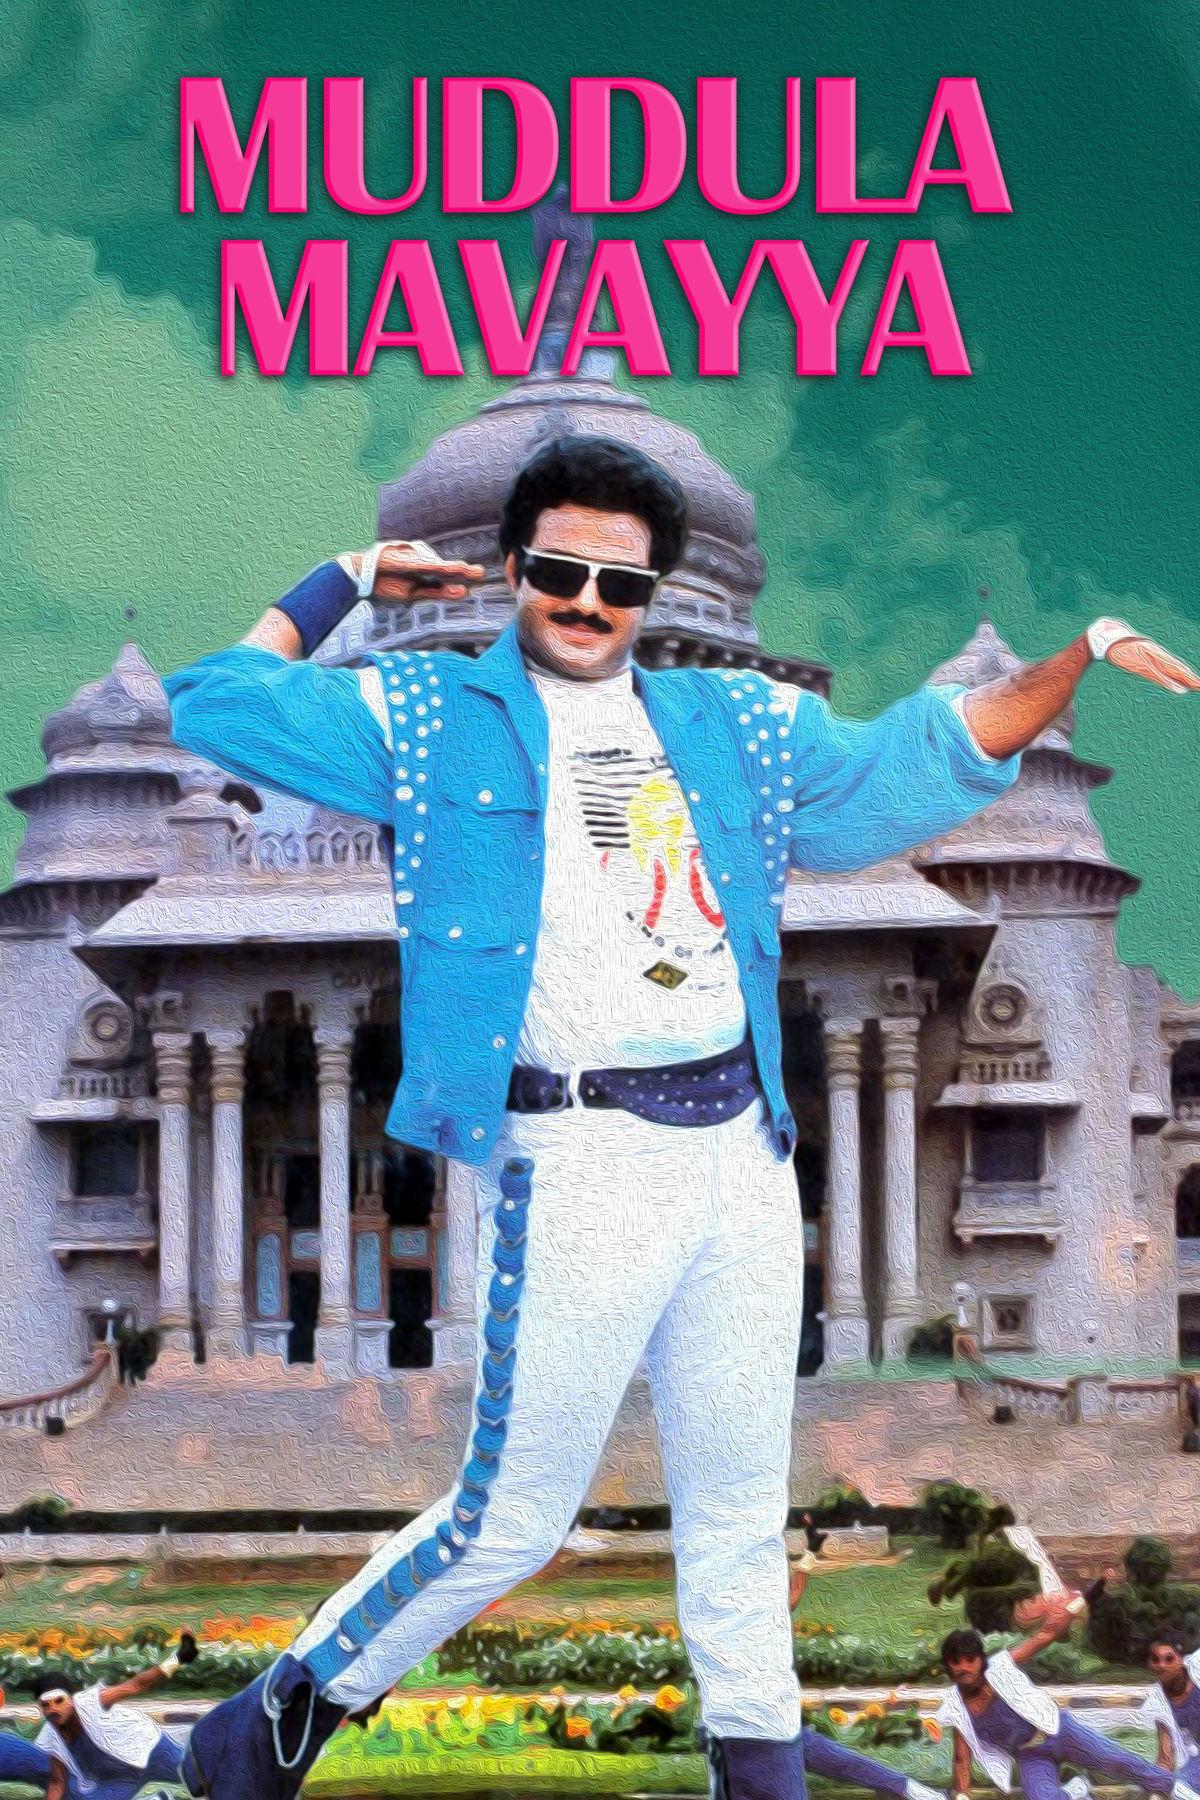 Muddula Mavayya